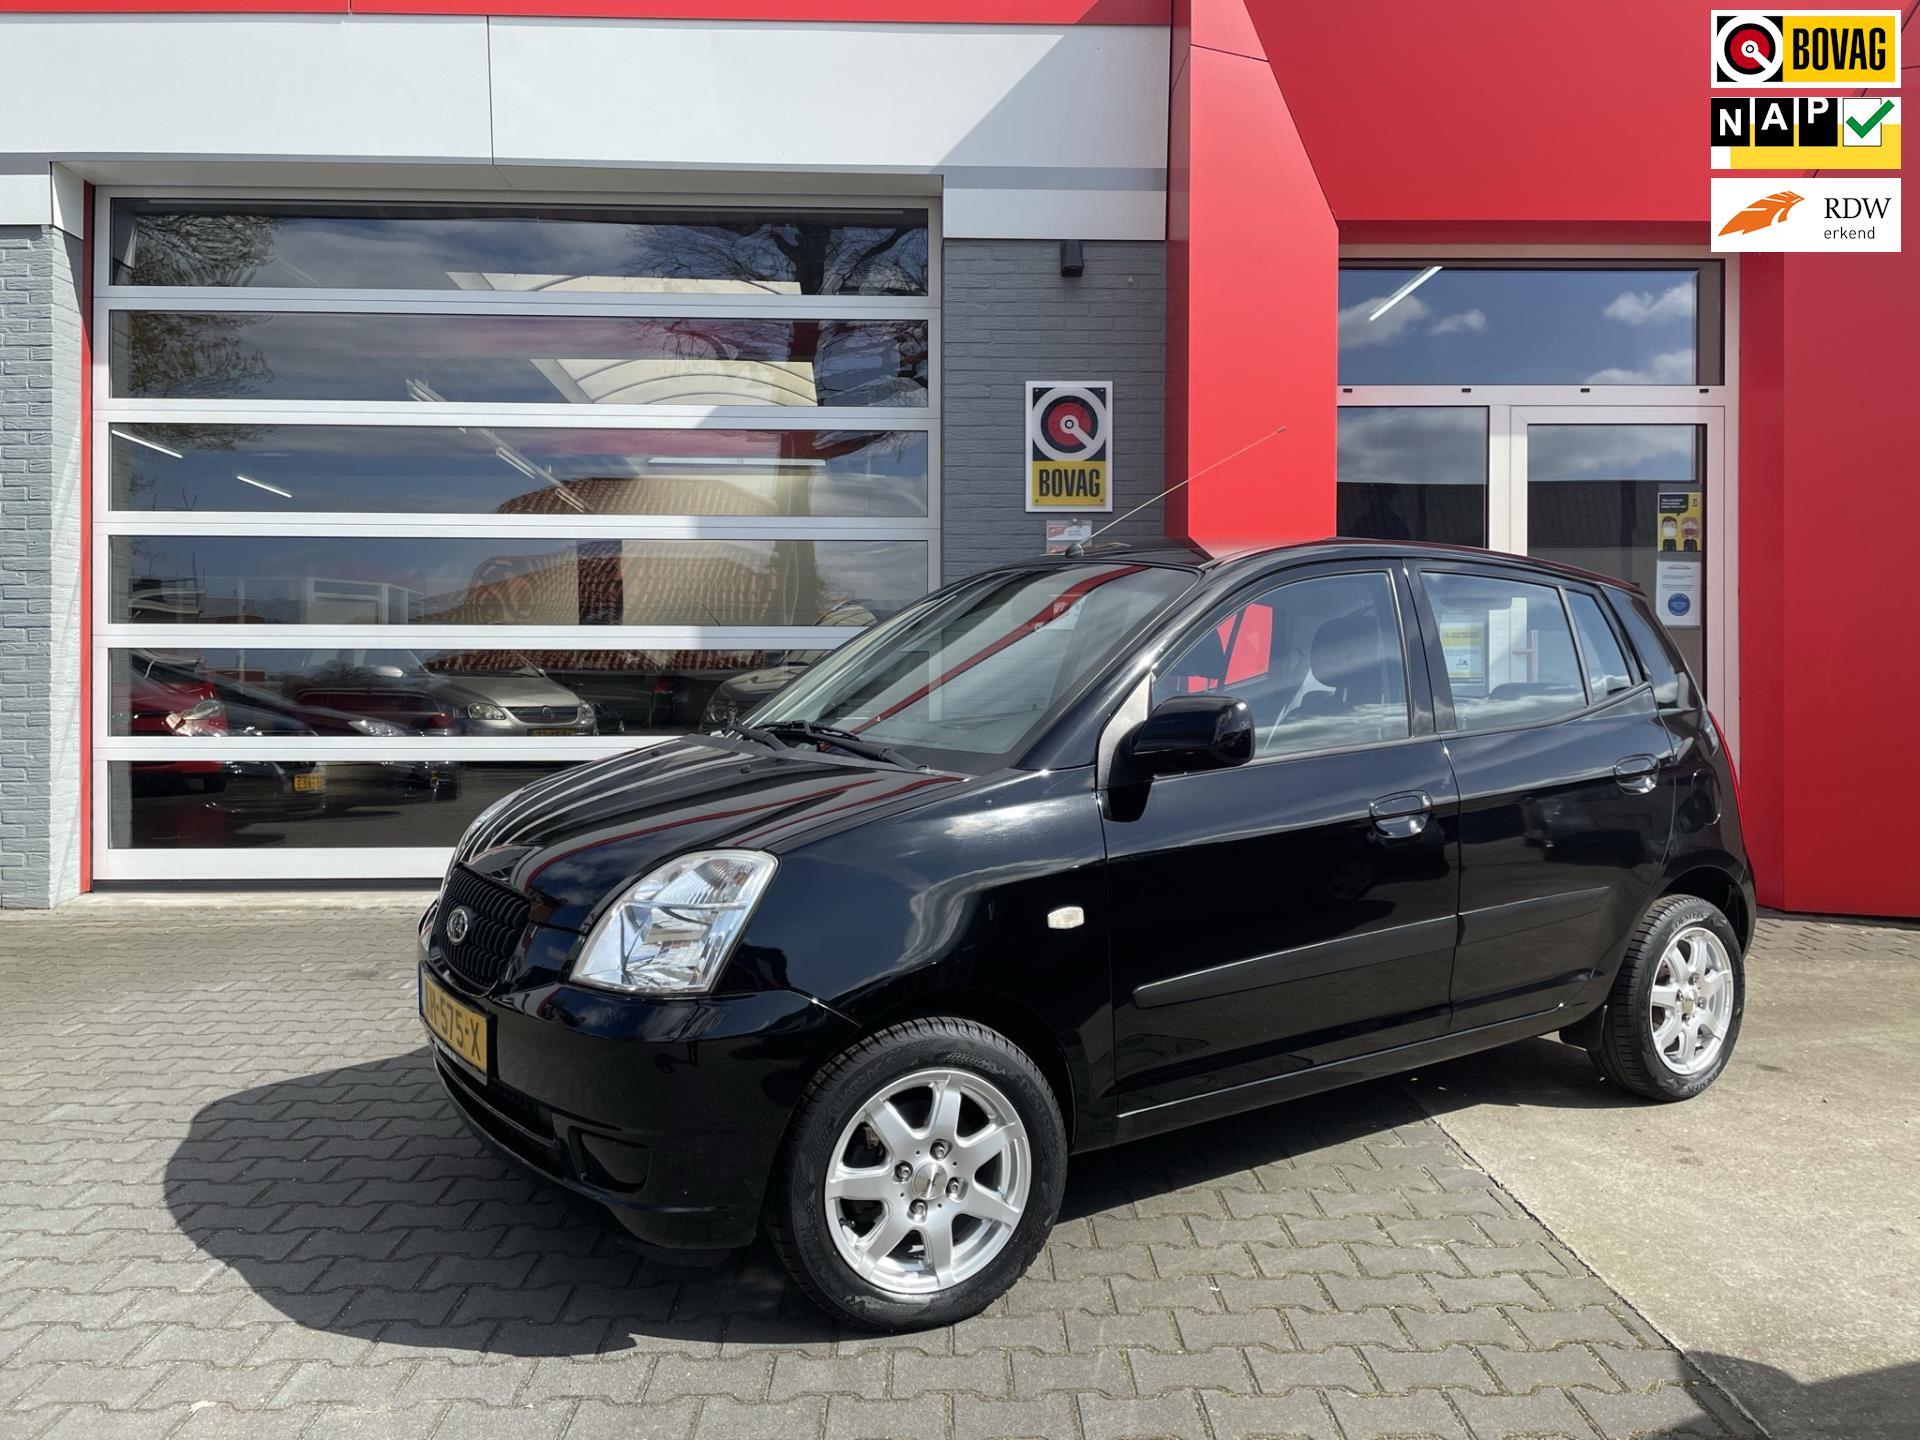 Kia Picanto occasion - Autobedrijf Slots BV